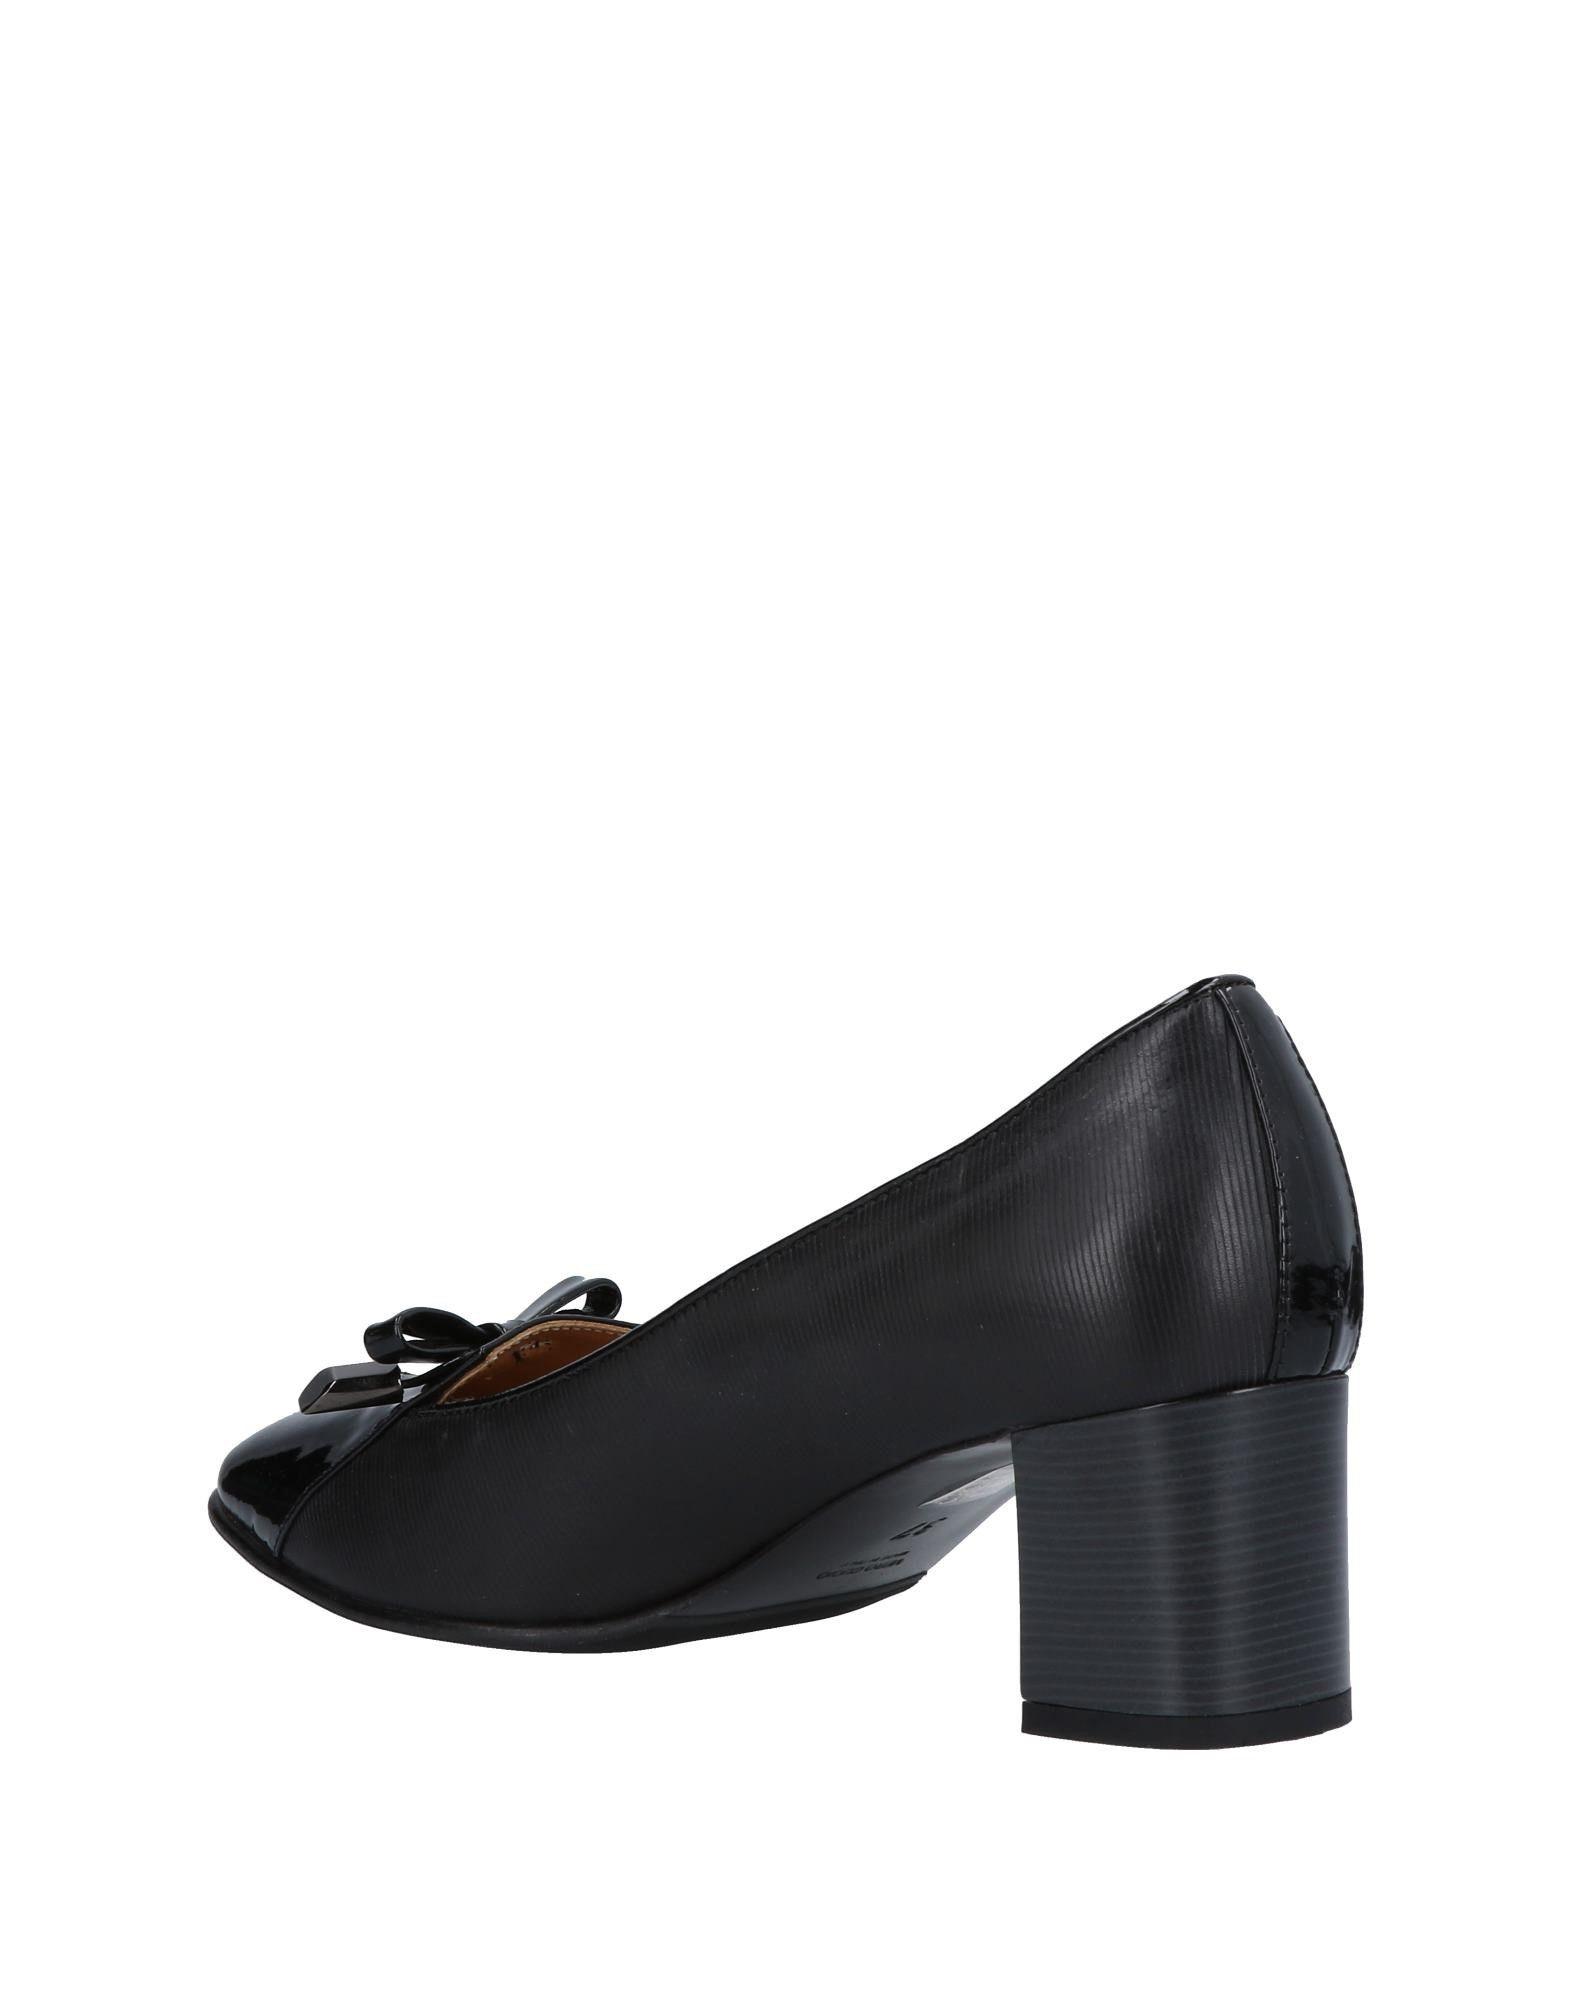 Gut um Mokassins billige Schuhe zu tragenNapoleoni Mokassins um Damen  11464763HG 0f78ce